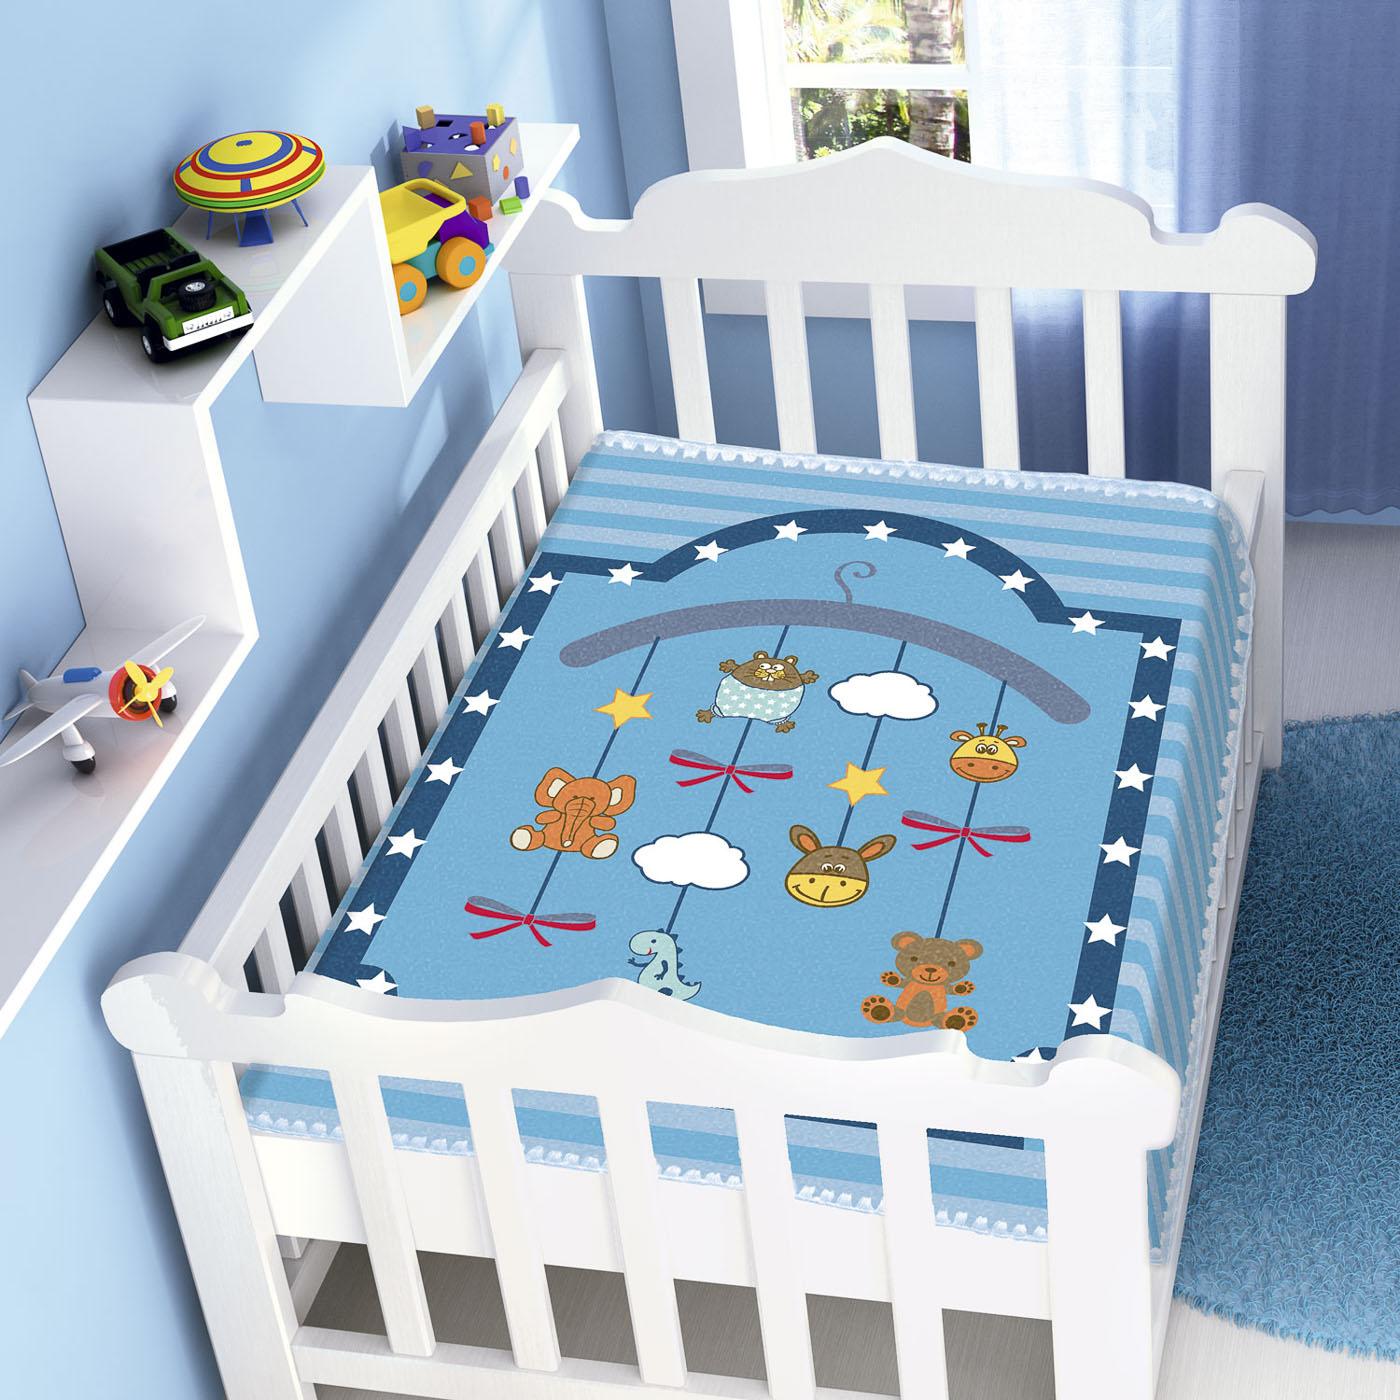 Cobertor Bebê Infantil Jolitex Raschel 0,90x1,10m Mobile Azul